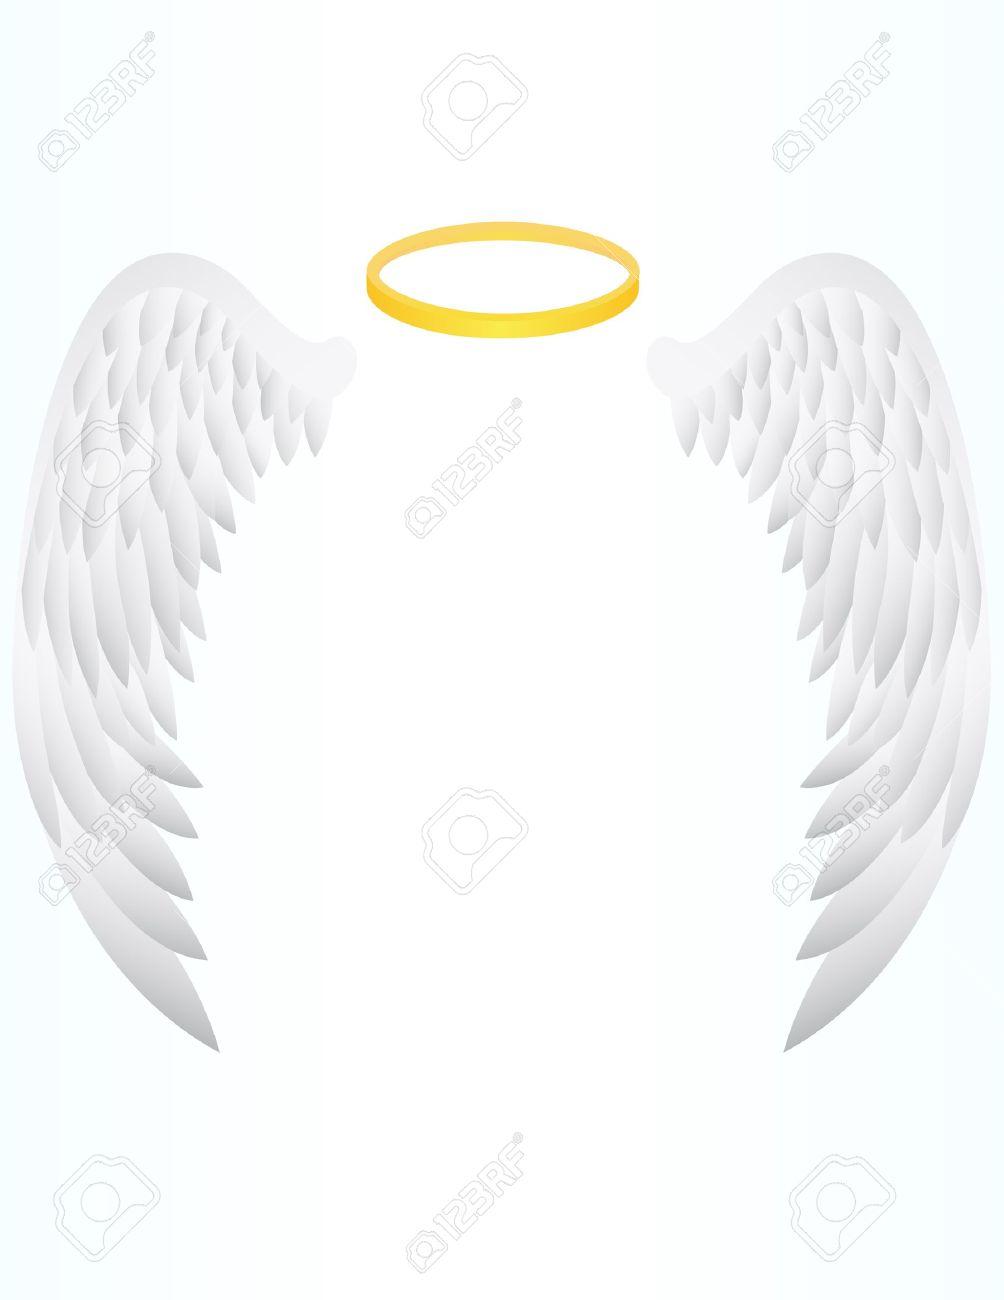 天使の翼のベクトル イラストのイラスト素材ベクタ Image 14805501